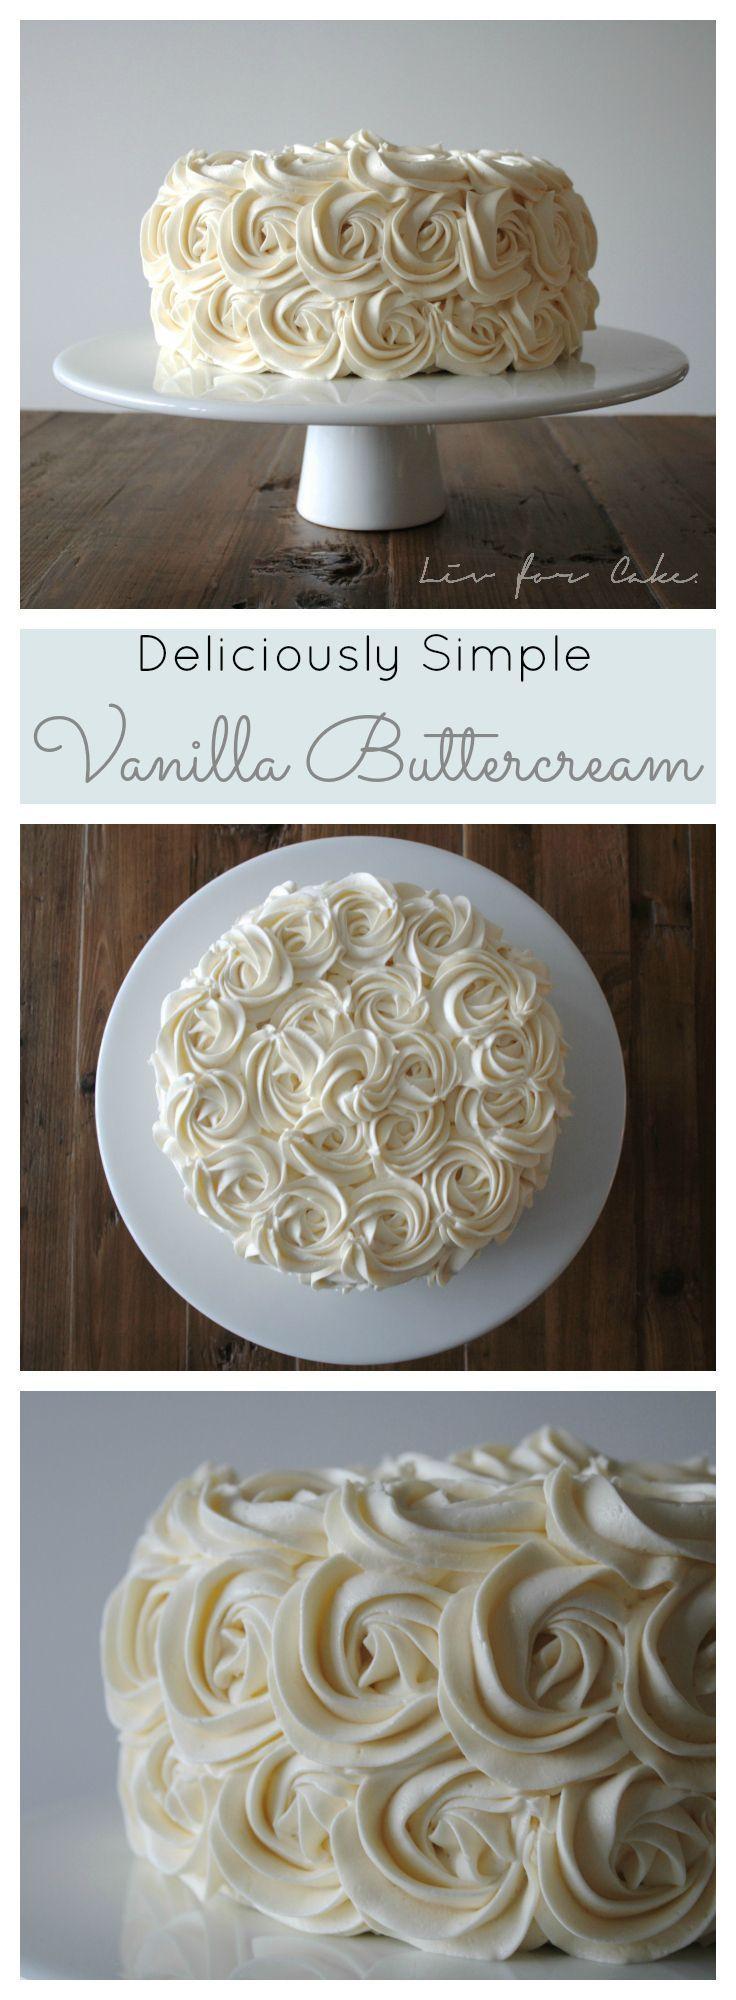 Deliciously Simple Vanilla Buttercream - Liv for Cake